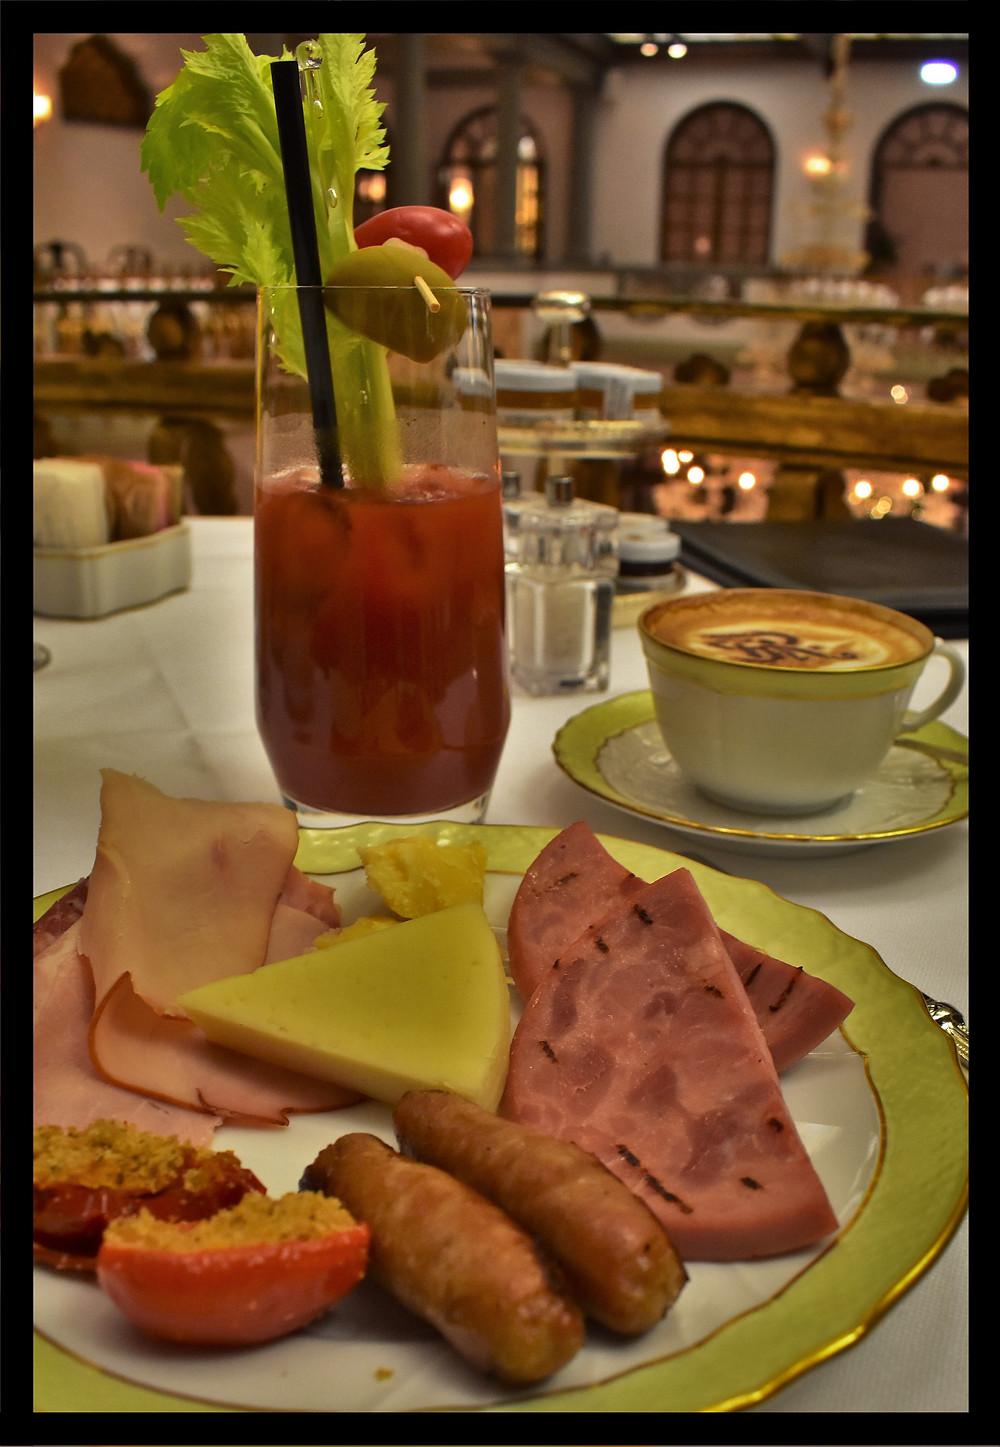 Bloody Mary Breakfast - Winter Garden, St. Regis - Florence